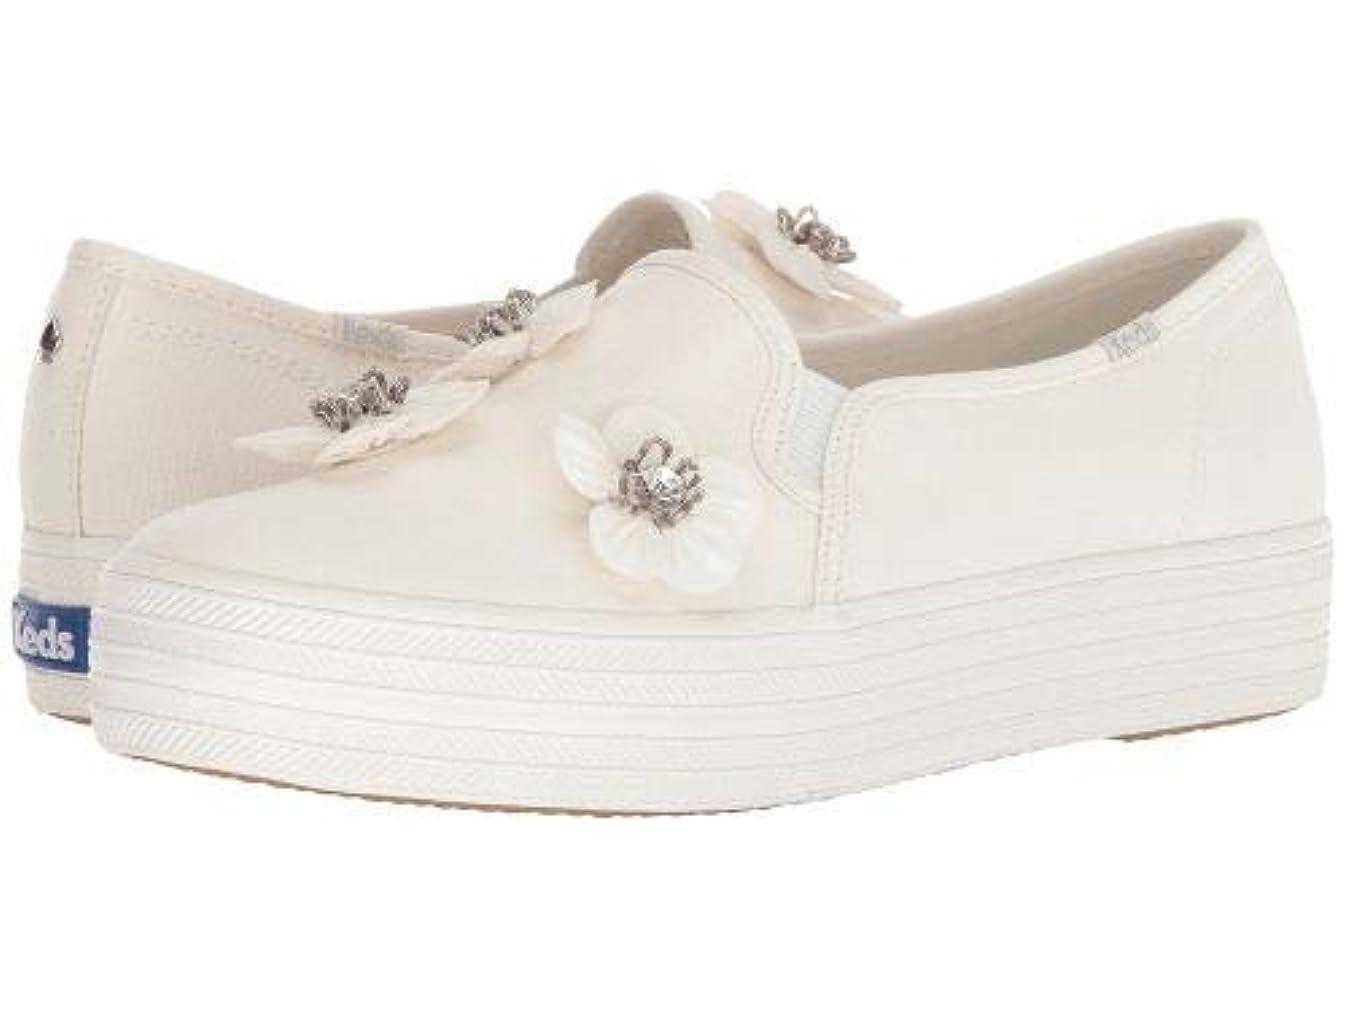 考案するシットコム波紋Keds x kate spade new york(ケイト?スペード) レディース 女性用 シューズ 靴 スニーカー 運動靴 Bridal Triple Decker Sequin Flowers - Bright White Canvas [並行輸入品]